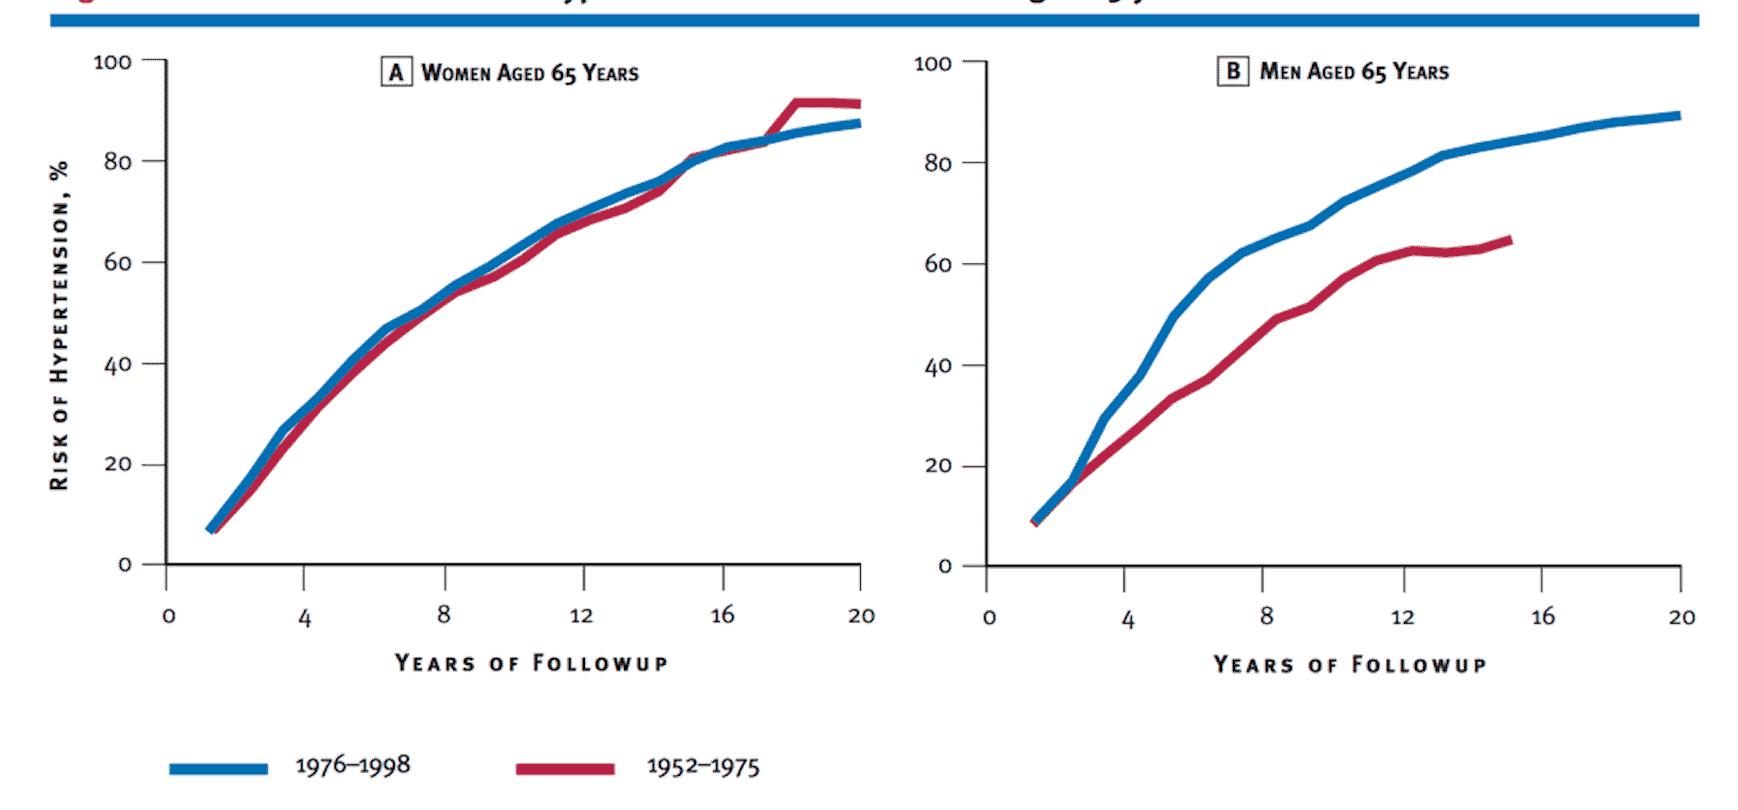 Figura 1. Evolución de la tensión arterial a partir de los 65 años